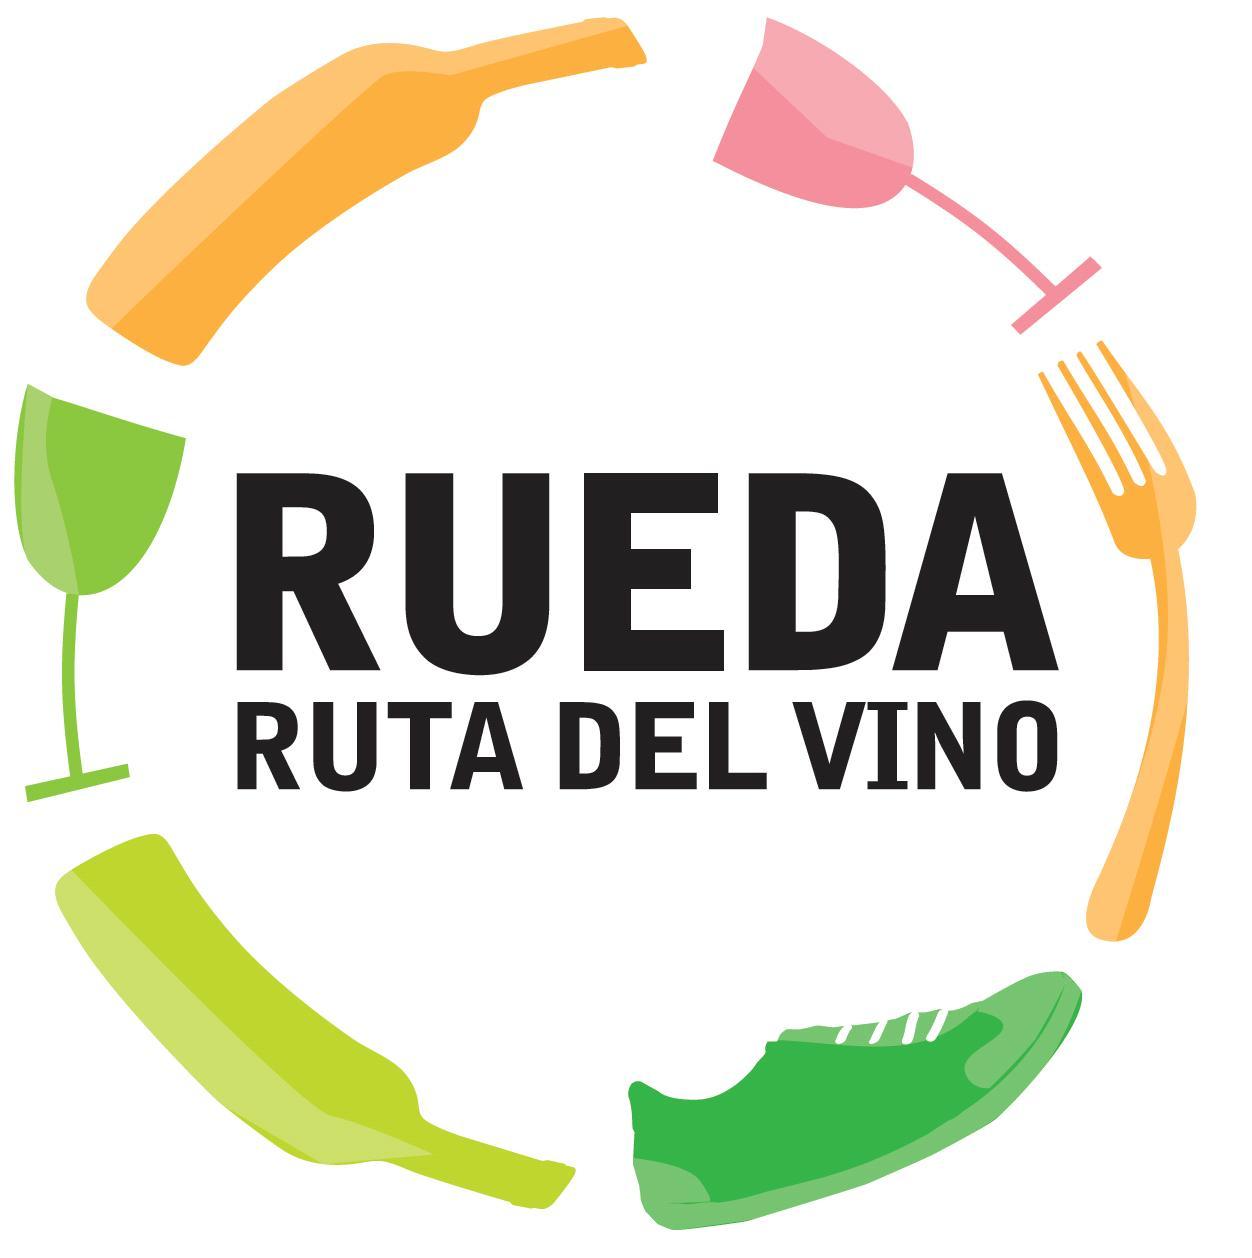 c1e5a33335f1a La Ruta del Vino de Rueda se presenta en Madrid y Bilbao - Bookingfax